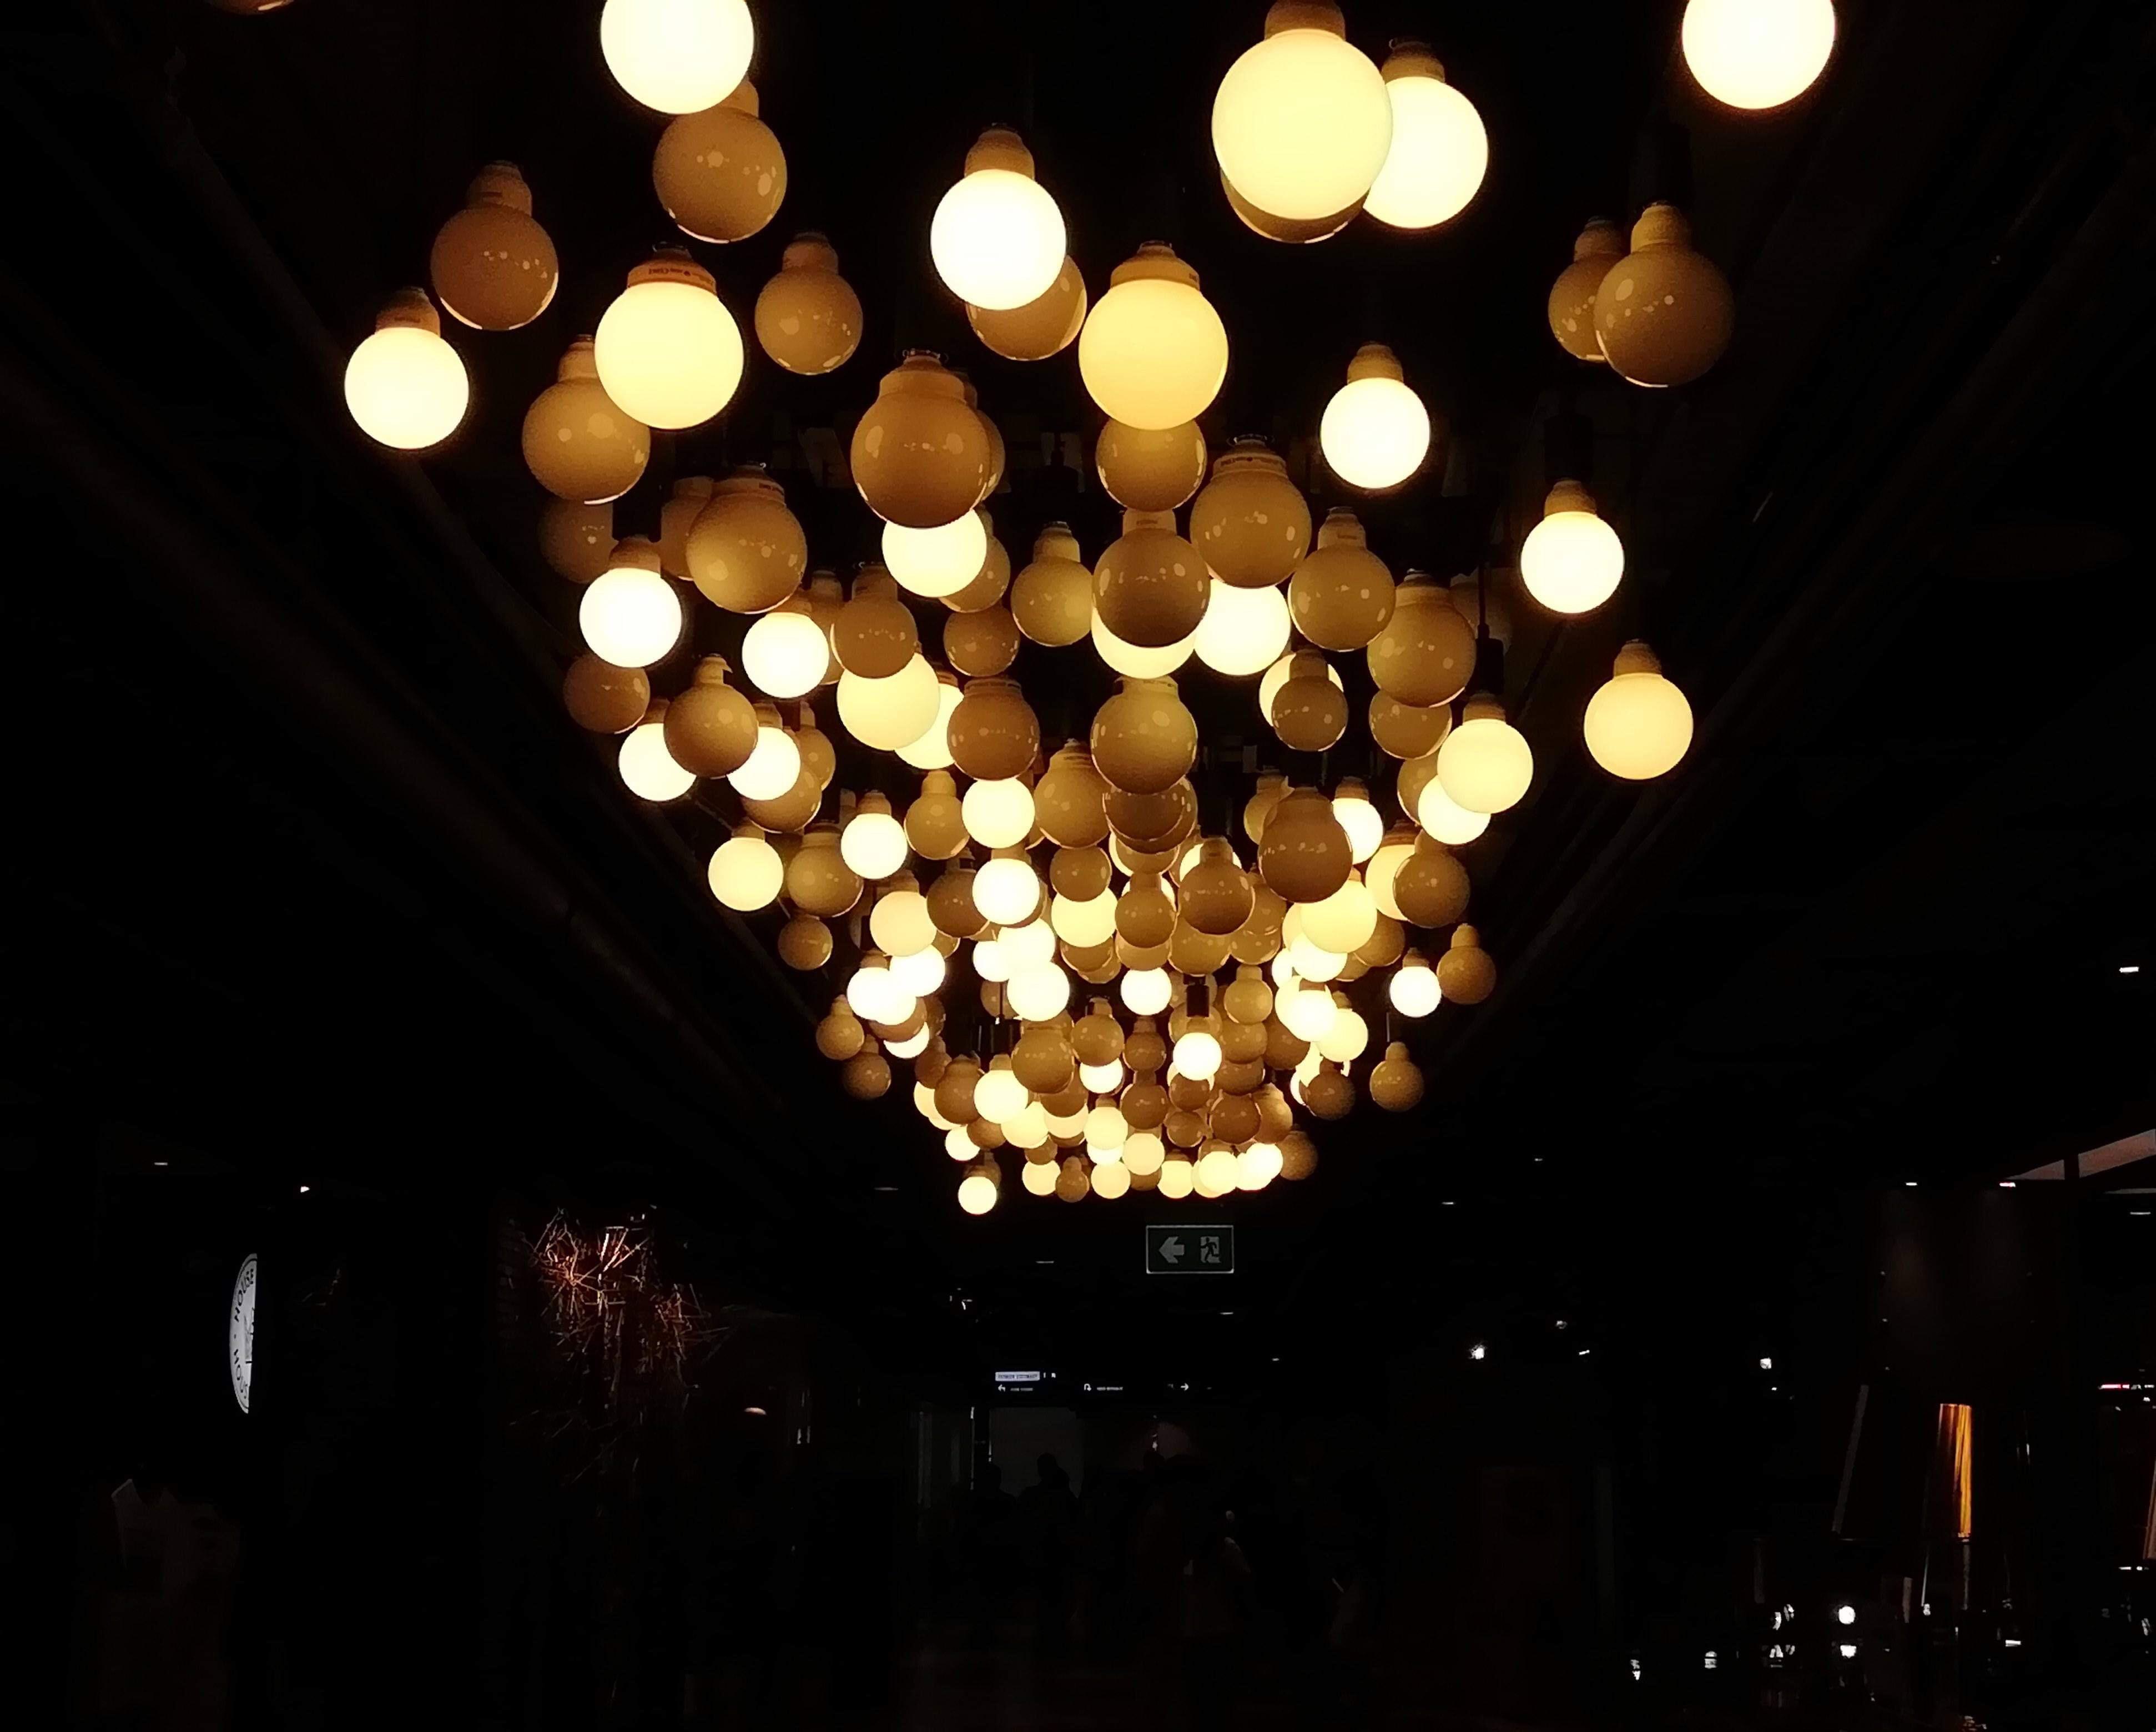 STARRY CEILING OF LIGHT BULBS 💡✨🌌 ( เพดานที่ระยิบระยับด้วยหลอดไฟ 💡✨🌌 )